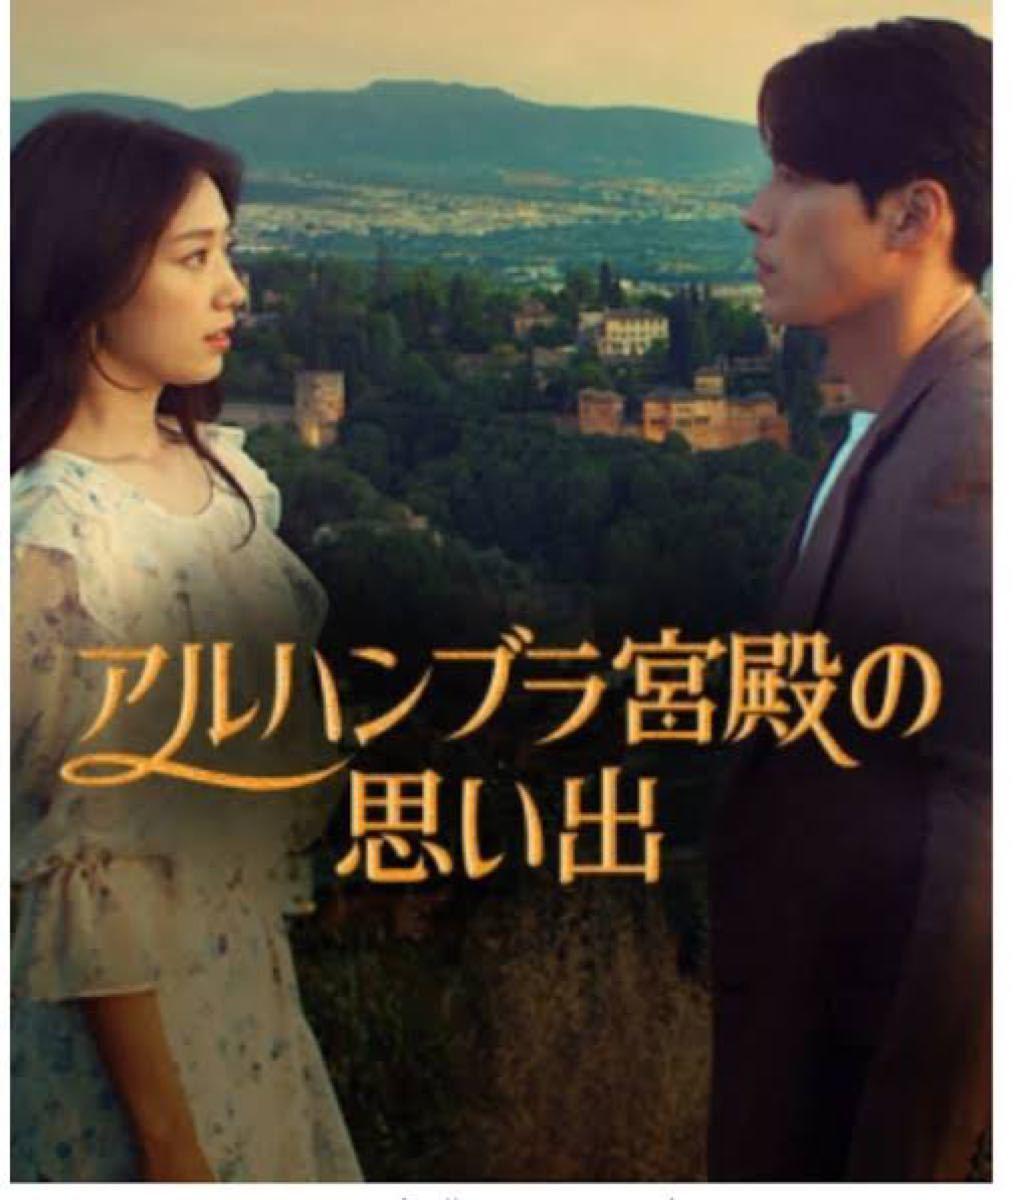 韓国ドラマ アルハンブラ宮殿の思い出 DVD『レーベル印刷有り』全話